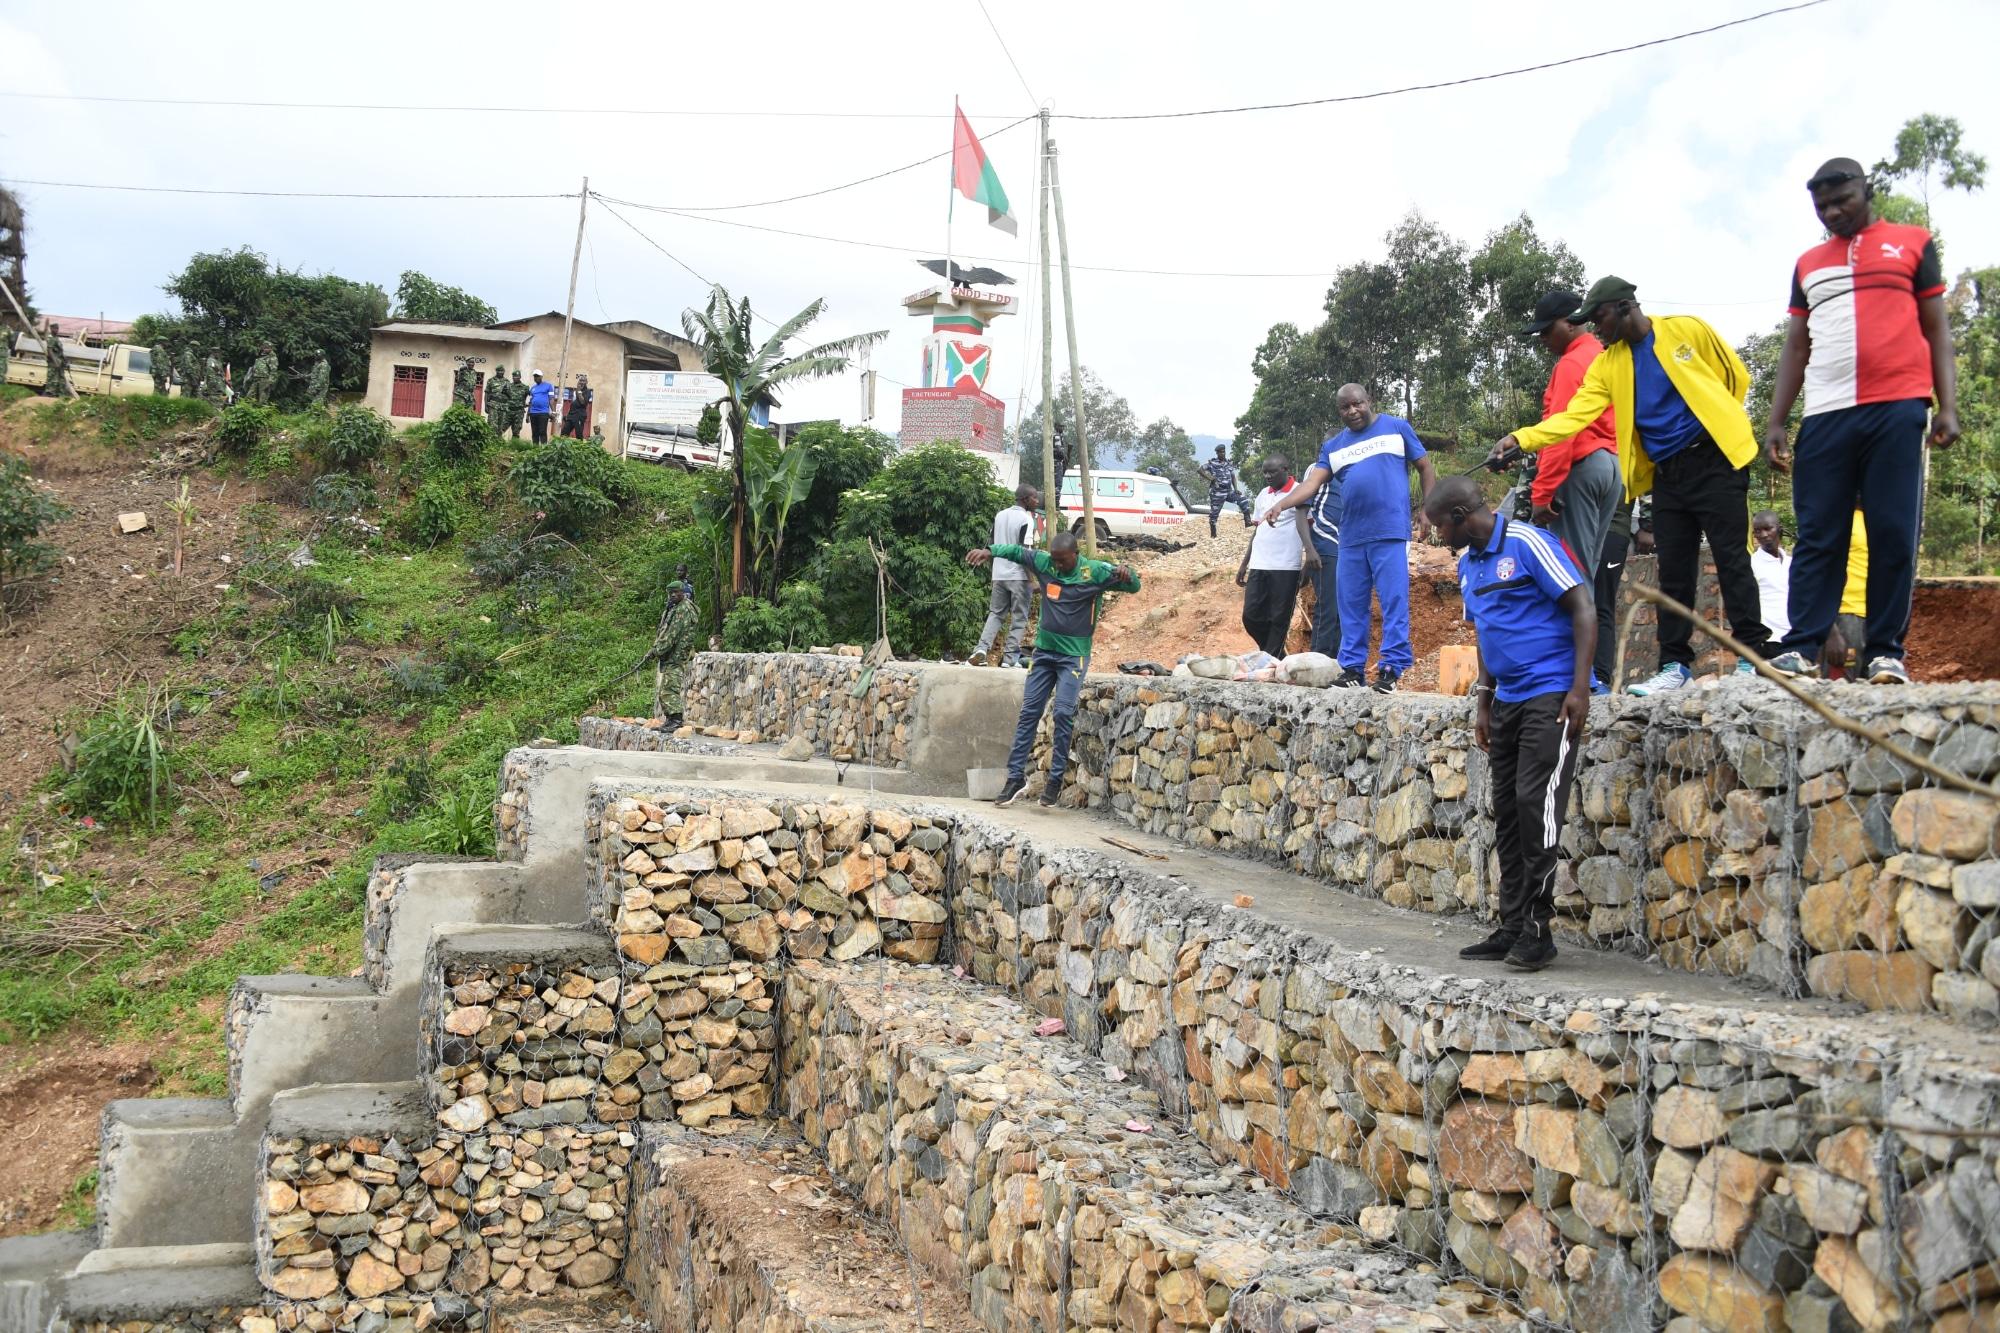 Le Président Ndayishimiye  satisfait de l'état d'avancement des travaux de réhabilitation de la RN1